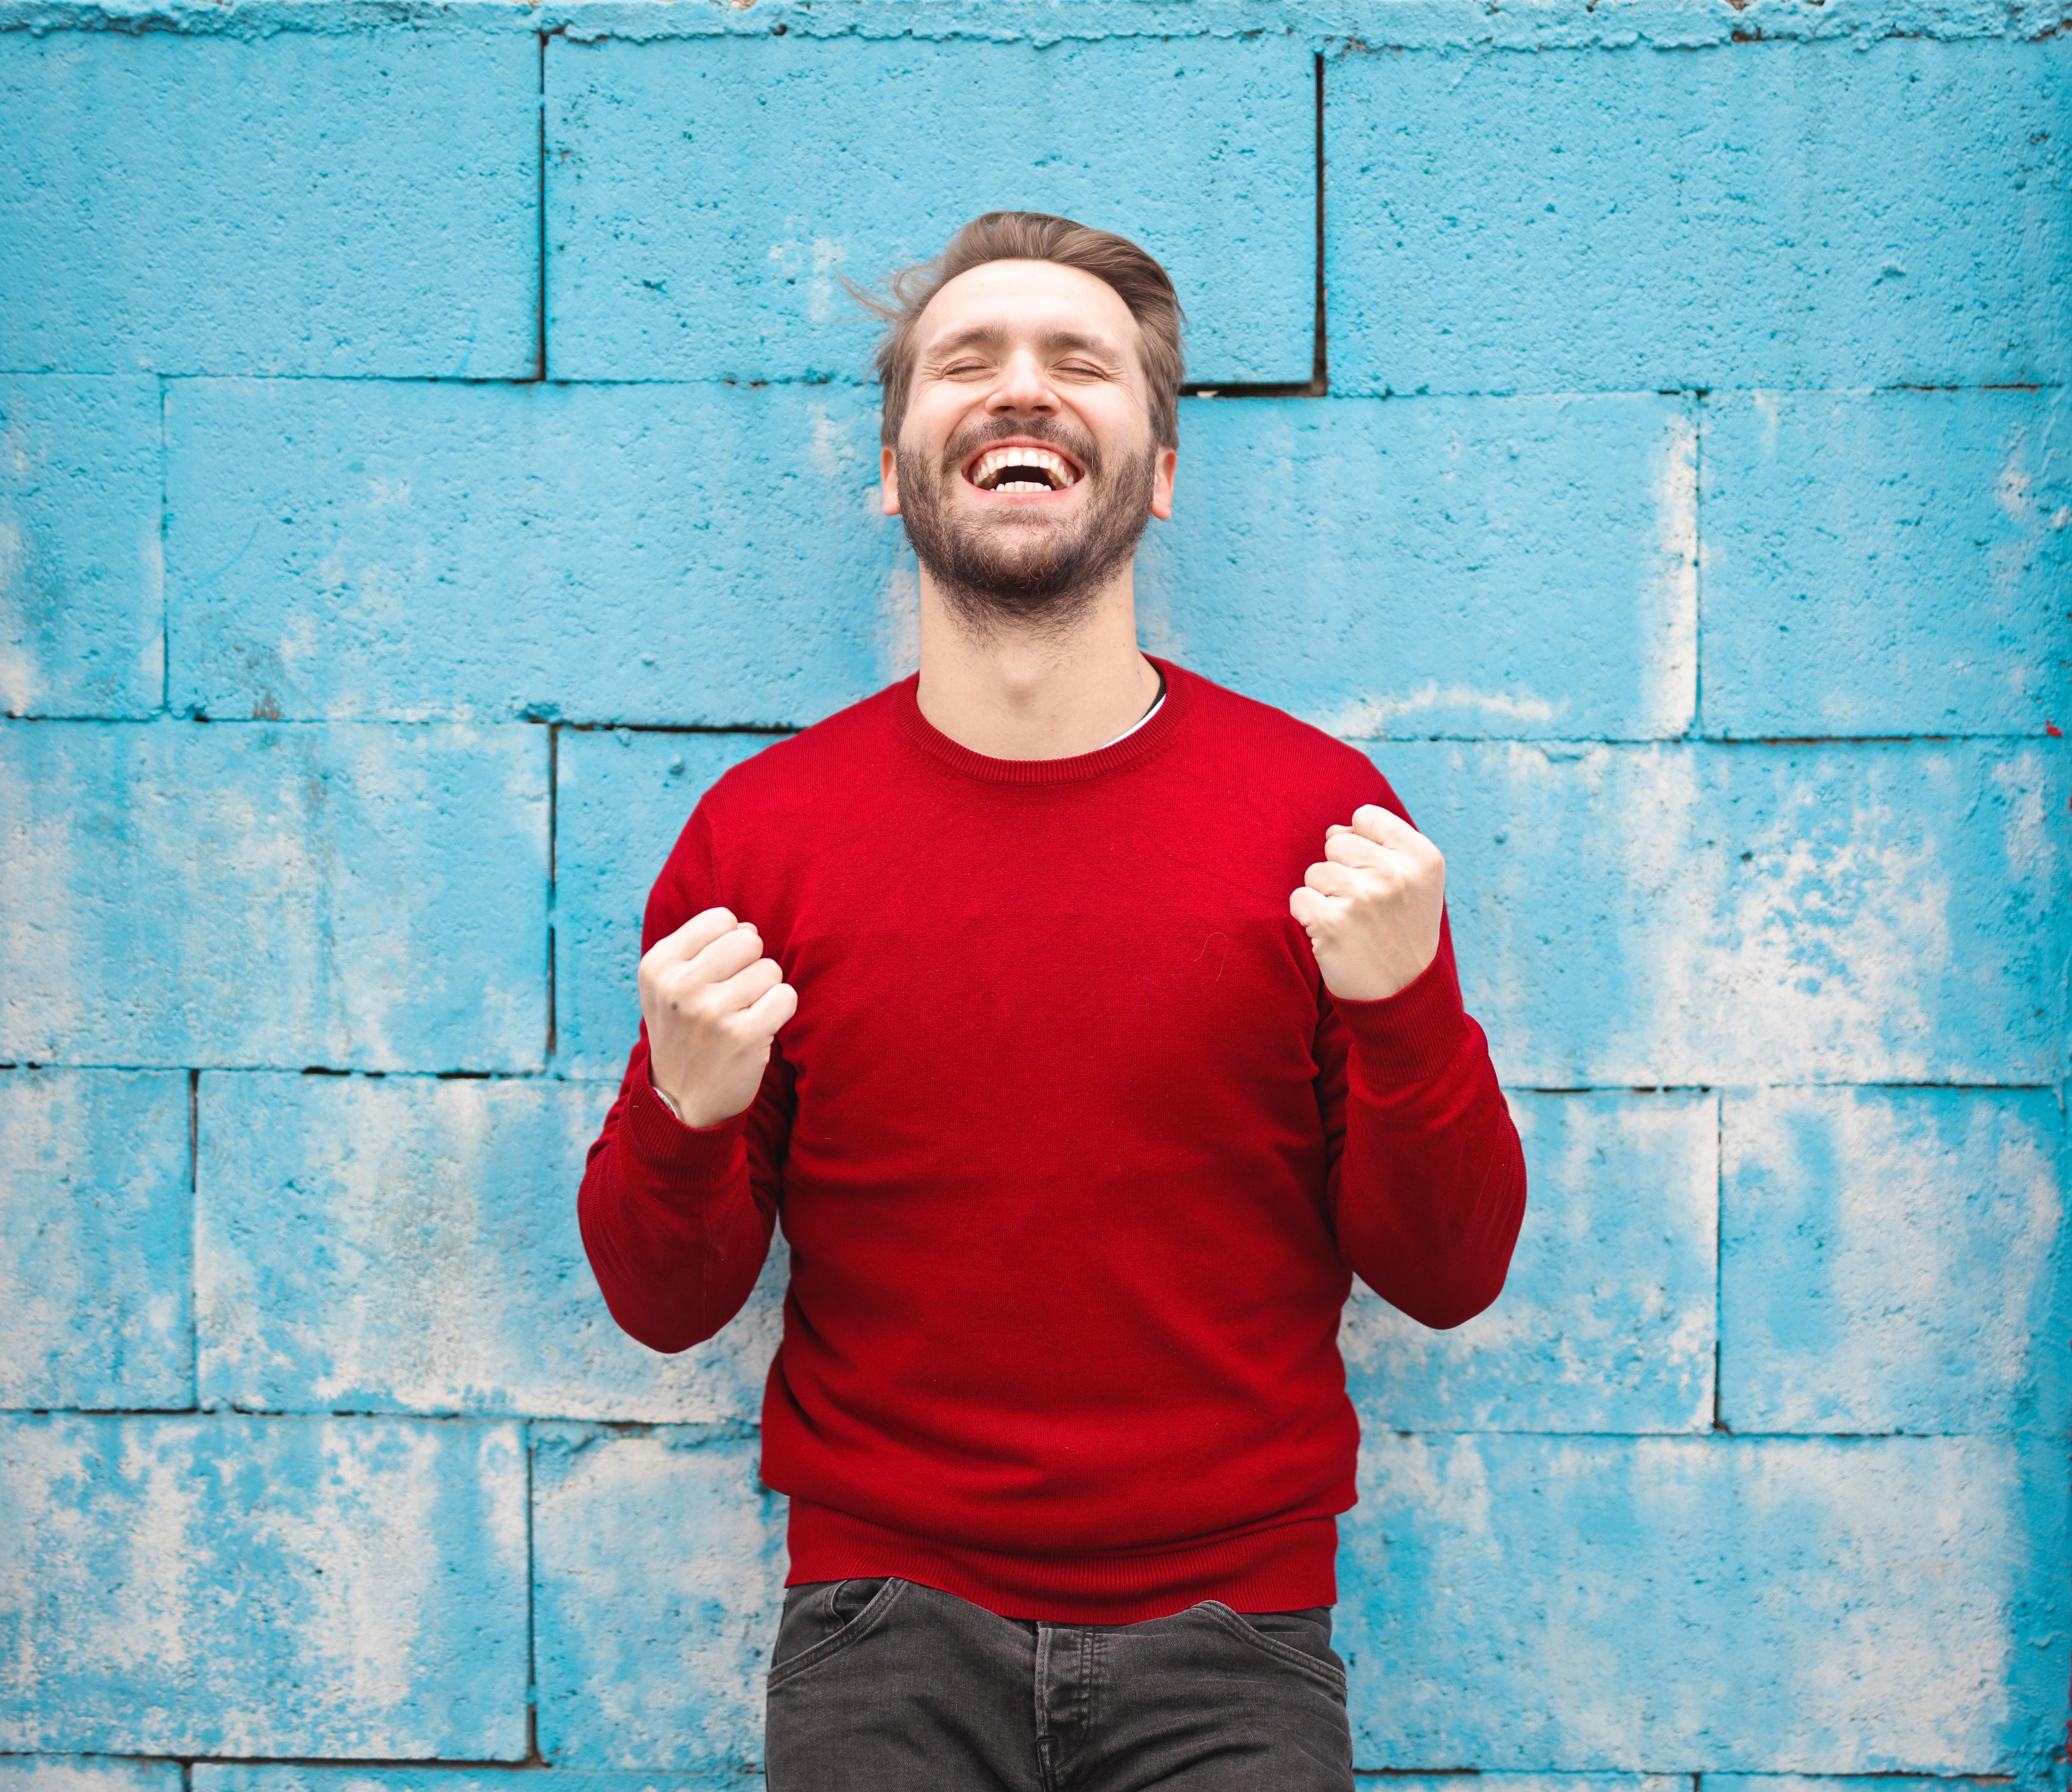 3 jednoduché návyky, jak mít dobrou náladu